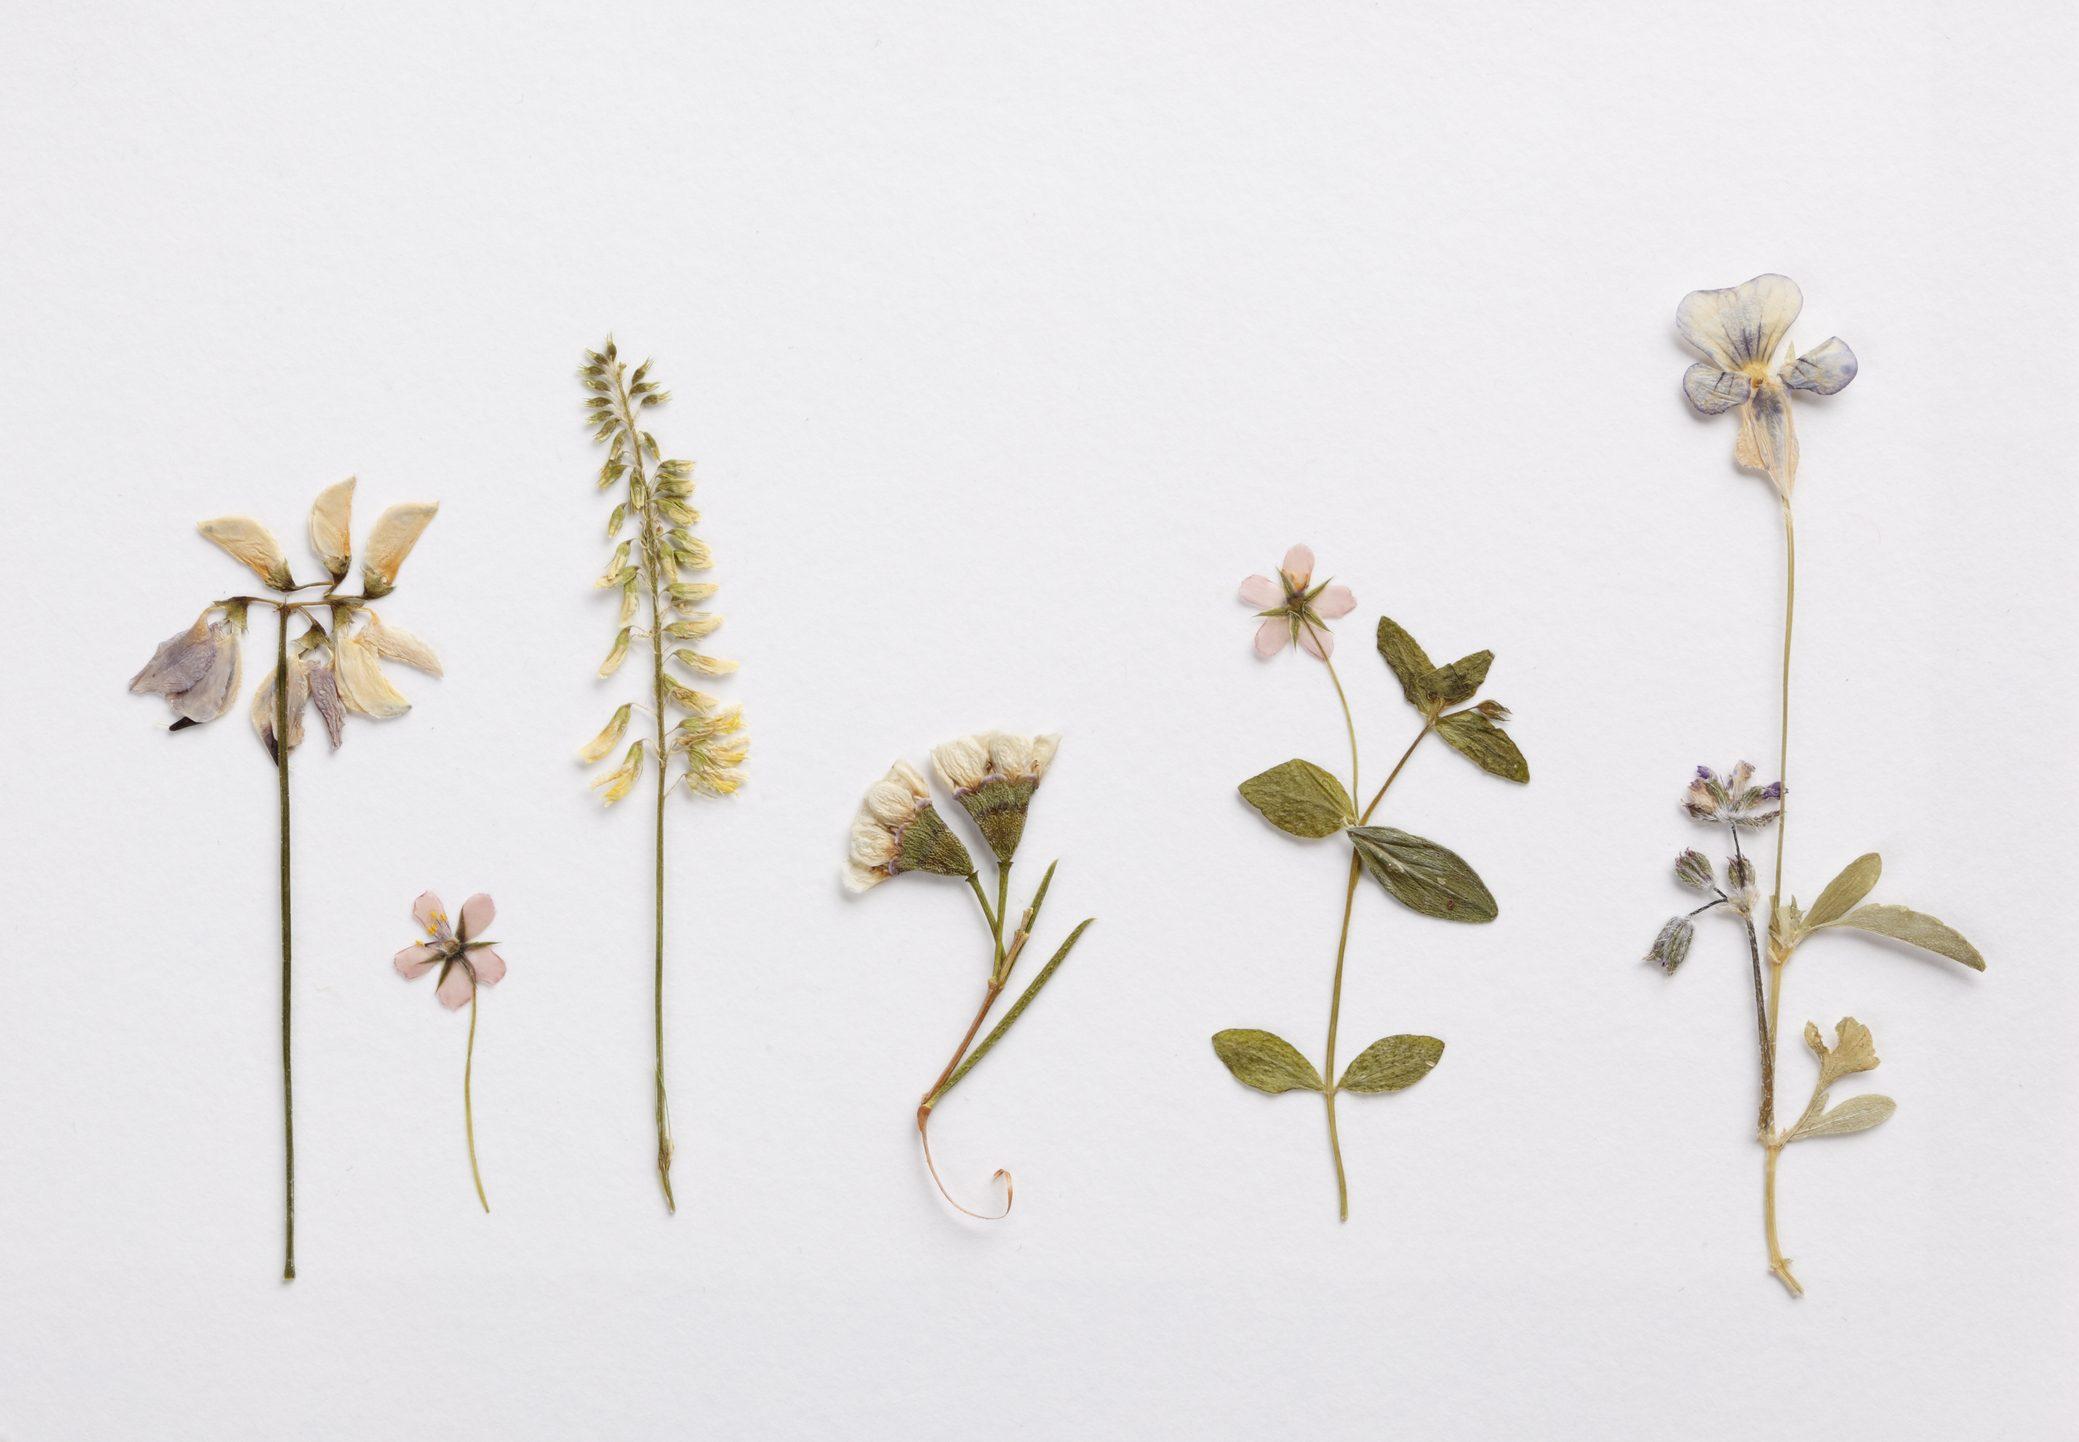 Ghirlanda pasquale fai da te fiori pressati